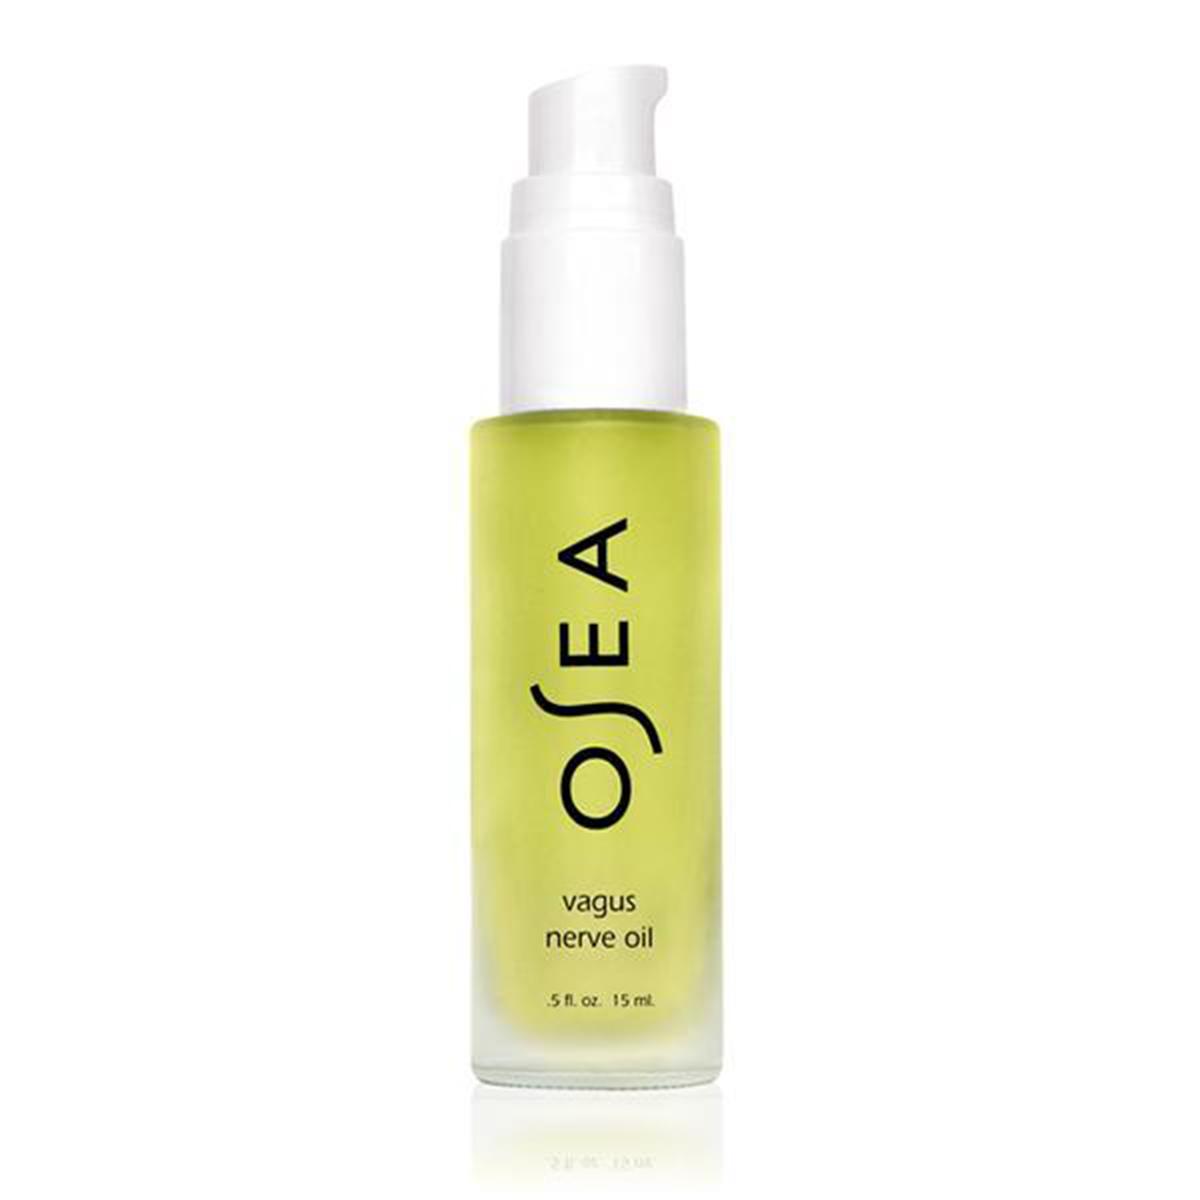 OSEA nerve oil